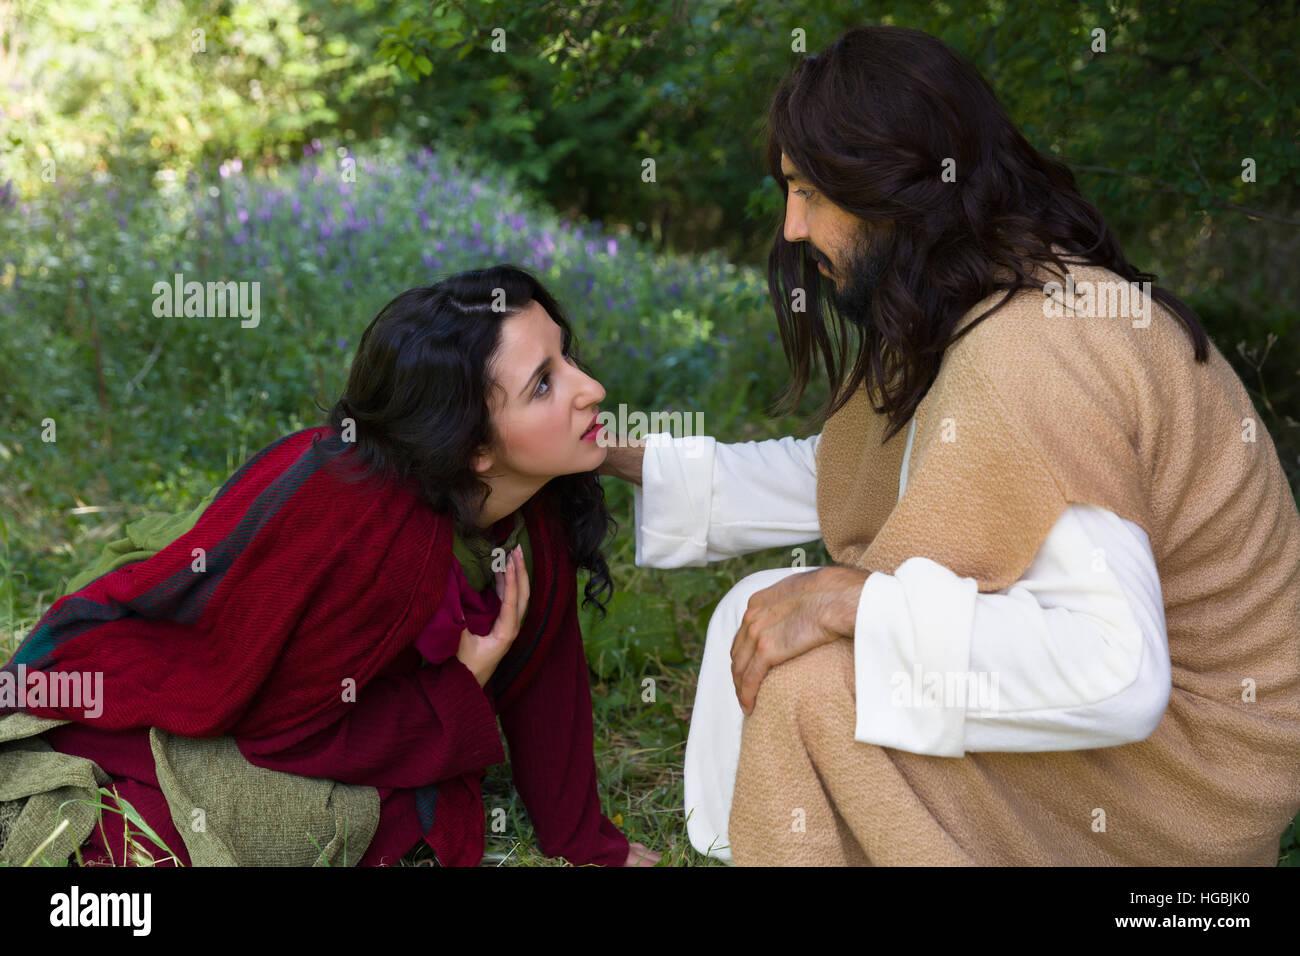 Reuigen Sünder Frau berühren das Gewand Jesu, um Vergebung zu bitten und Heilung Stockbild